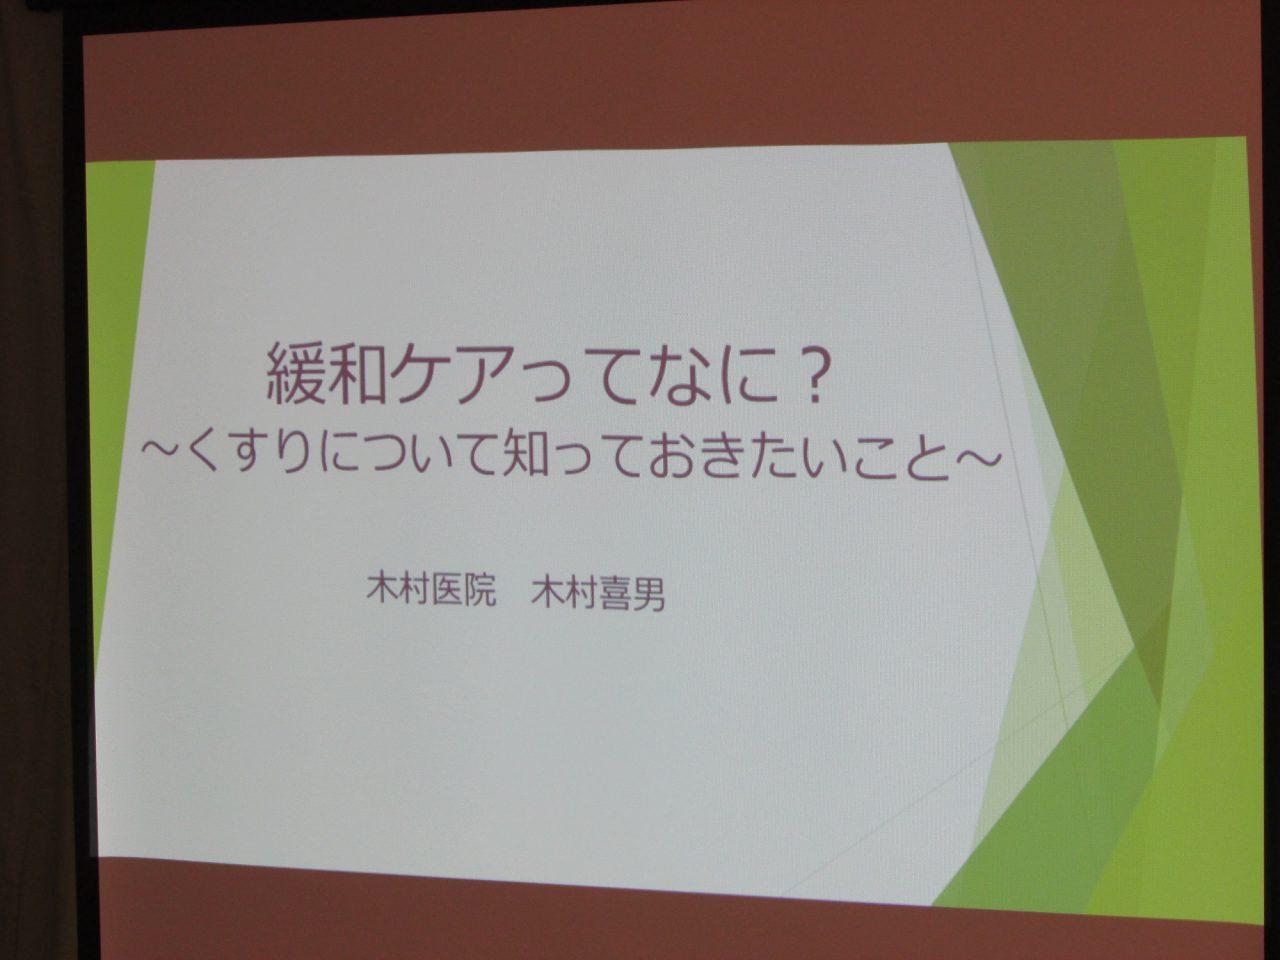 【小倉】11月のひなたぼっこサロン縁ミニセミナーのご報告